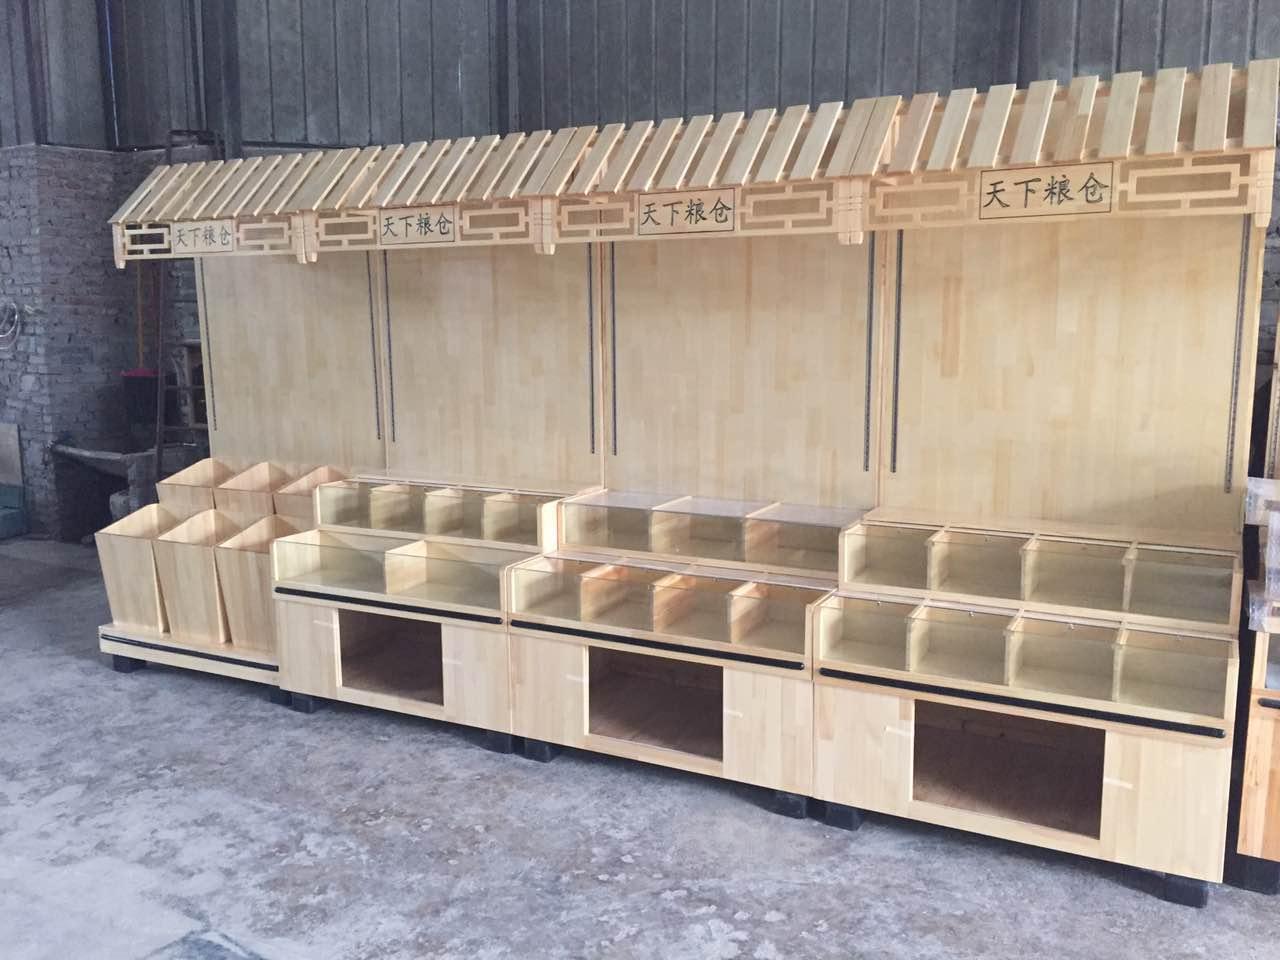 木质散装柜货架|超市木质货架-南岸区尧舜展柜制作部